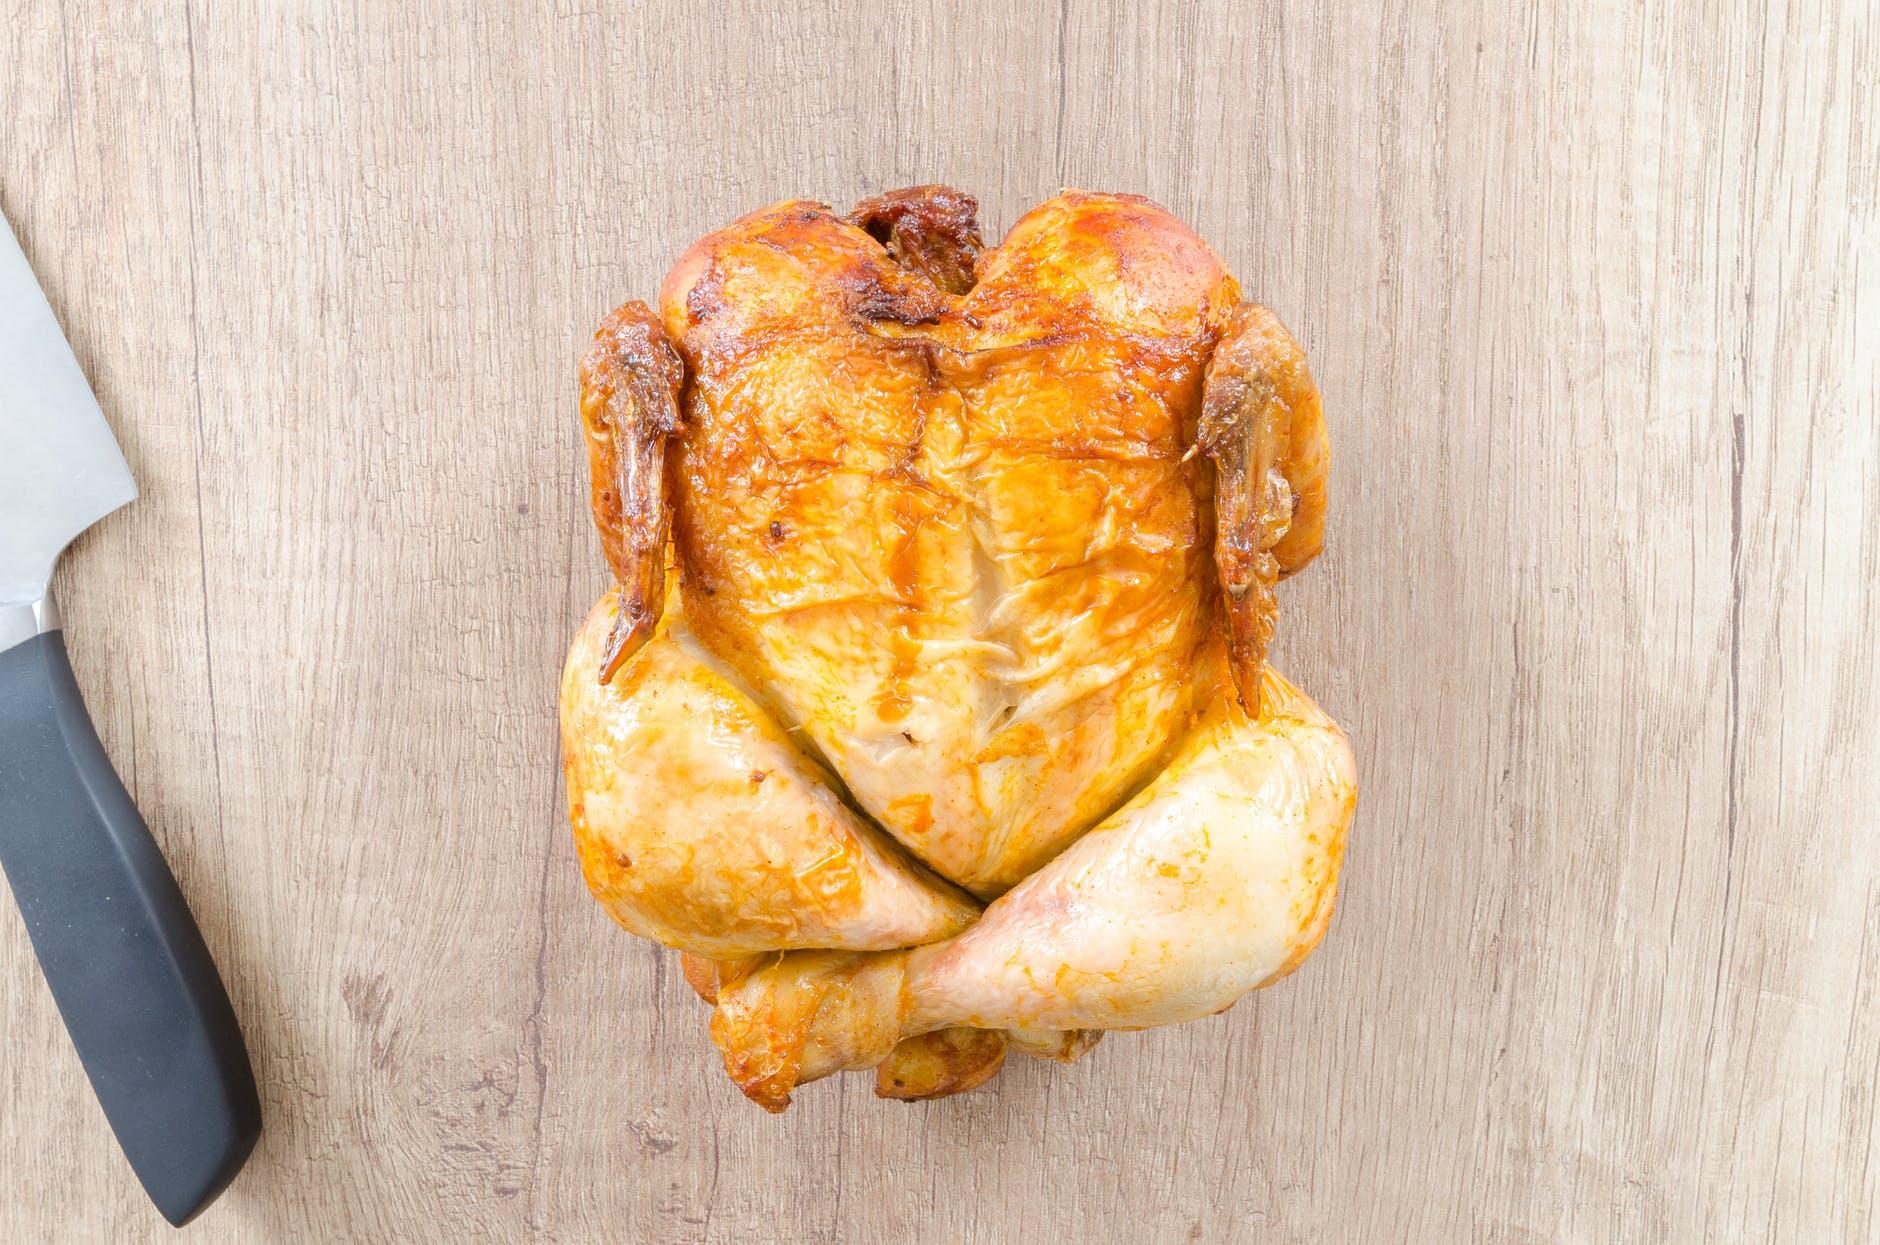 Kylling på skærebræt